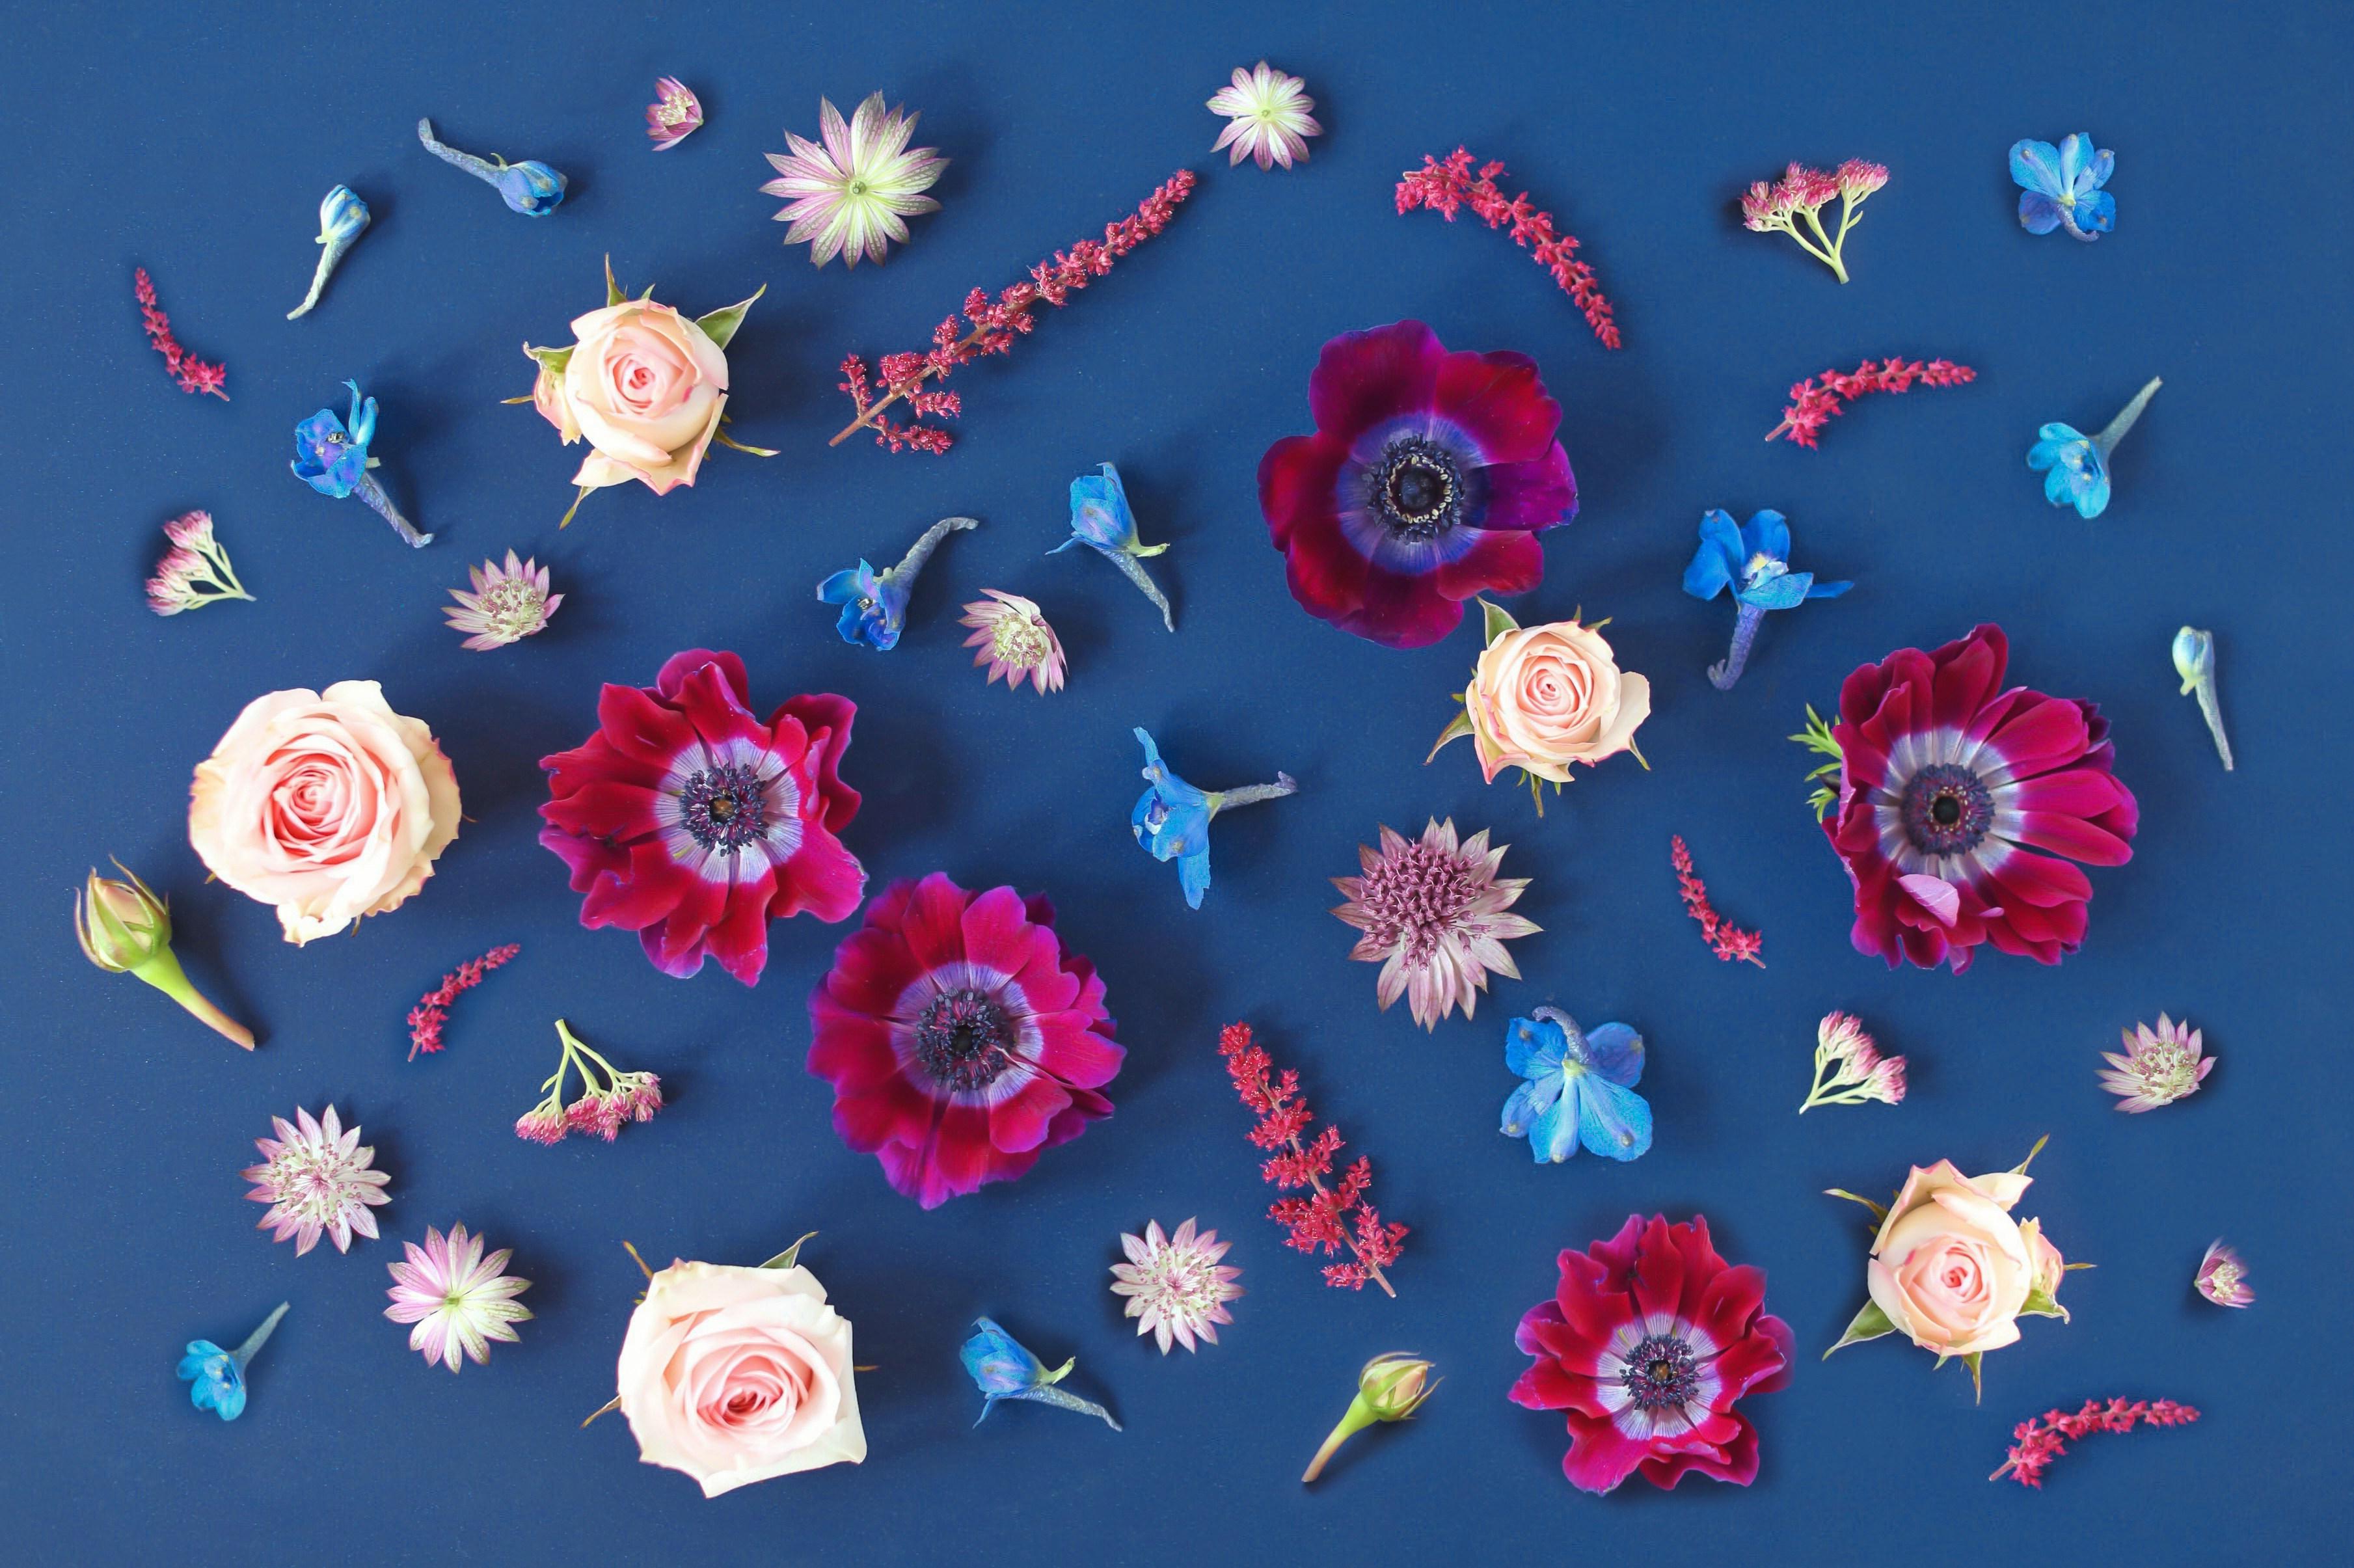 花 デスクトップの壁紙 3618x2410 Wallpapertip